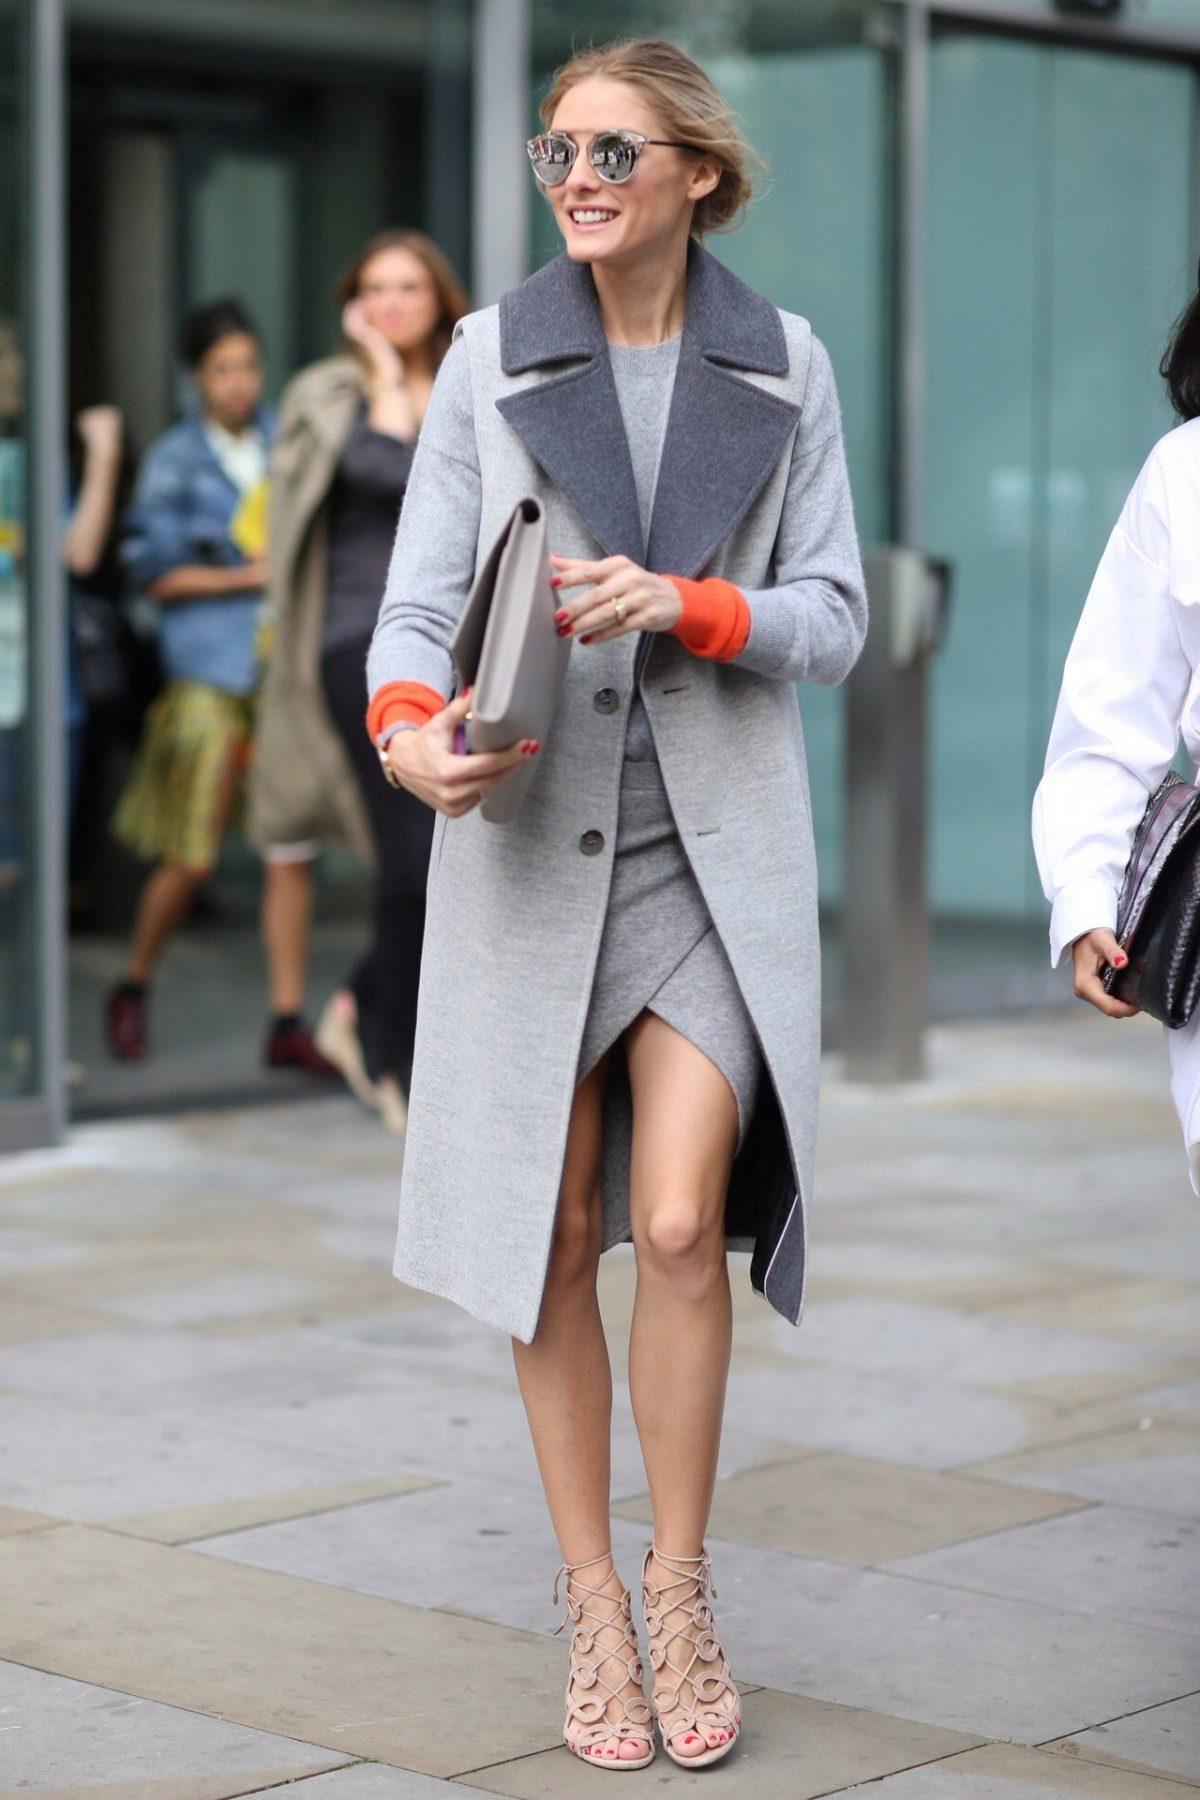 стильный образ весна 2019: серое пальто и платье в тон